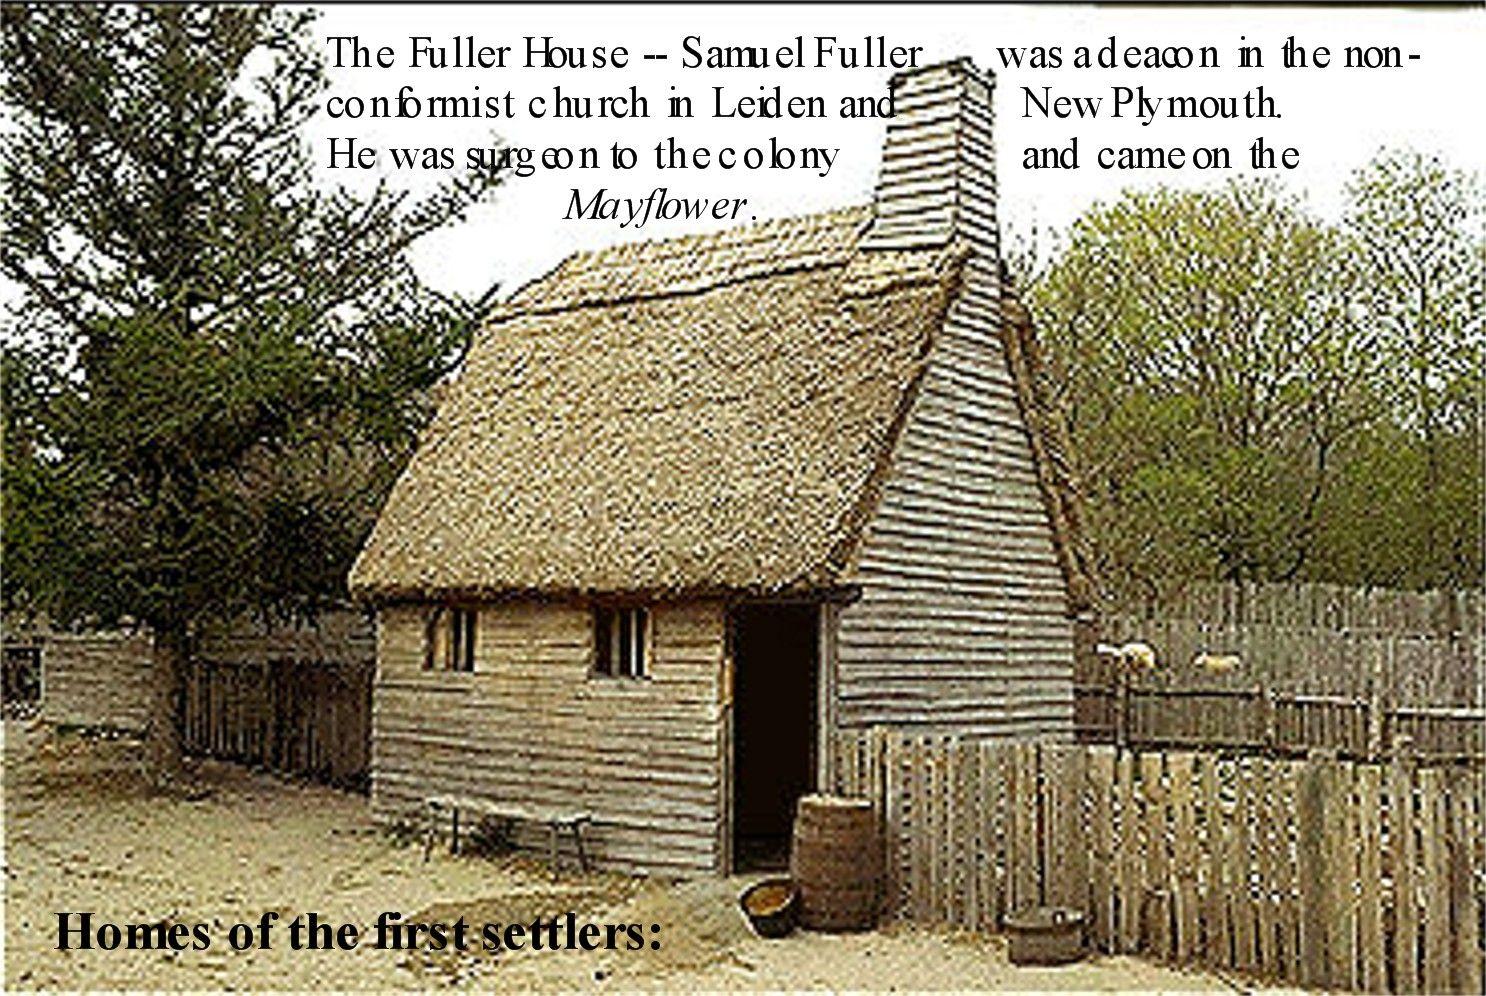 1620 Fuller House a surgeon Mayflower.jpg Family